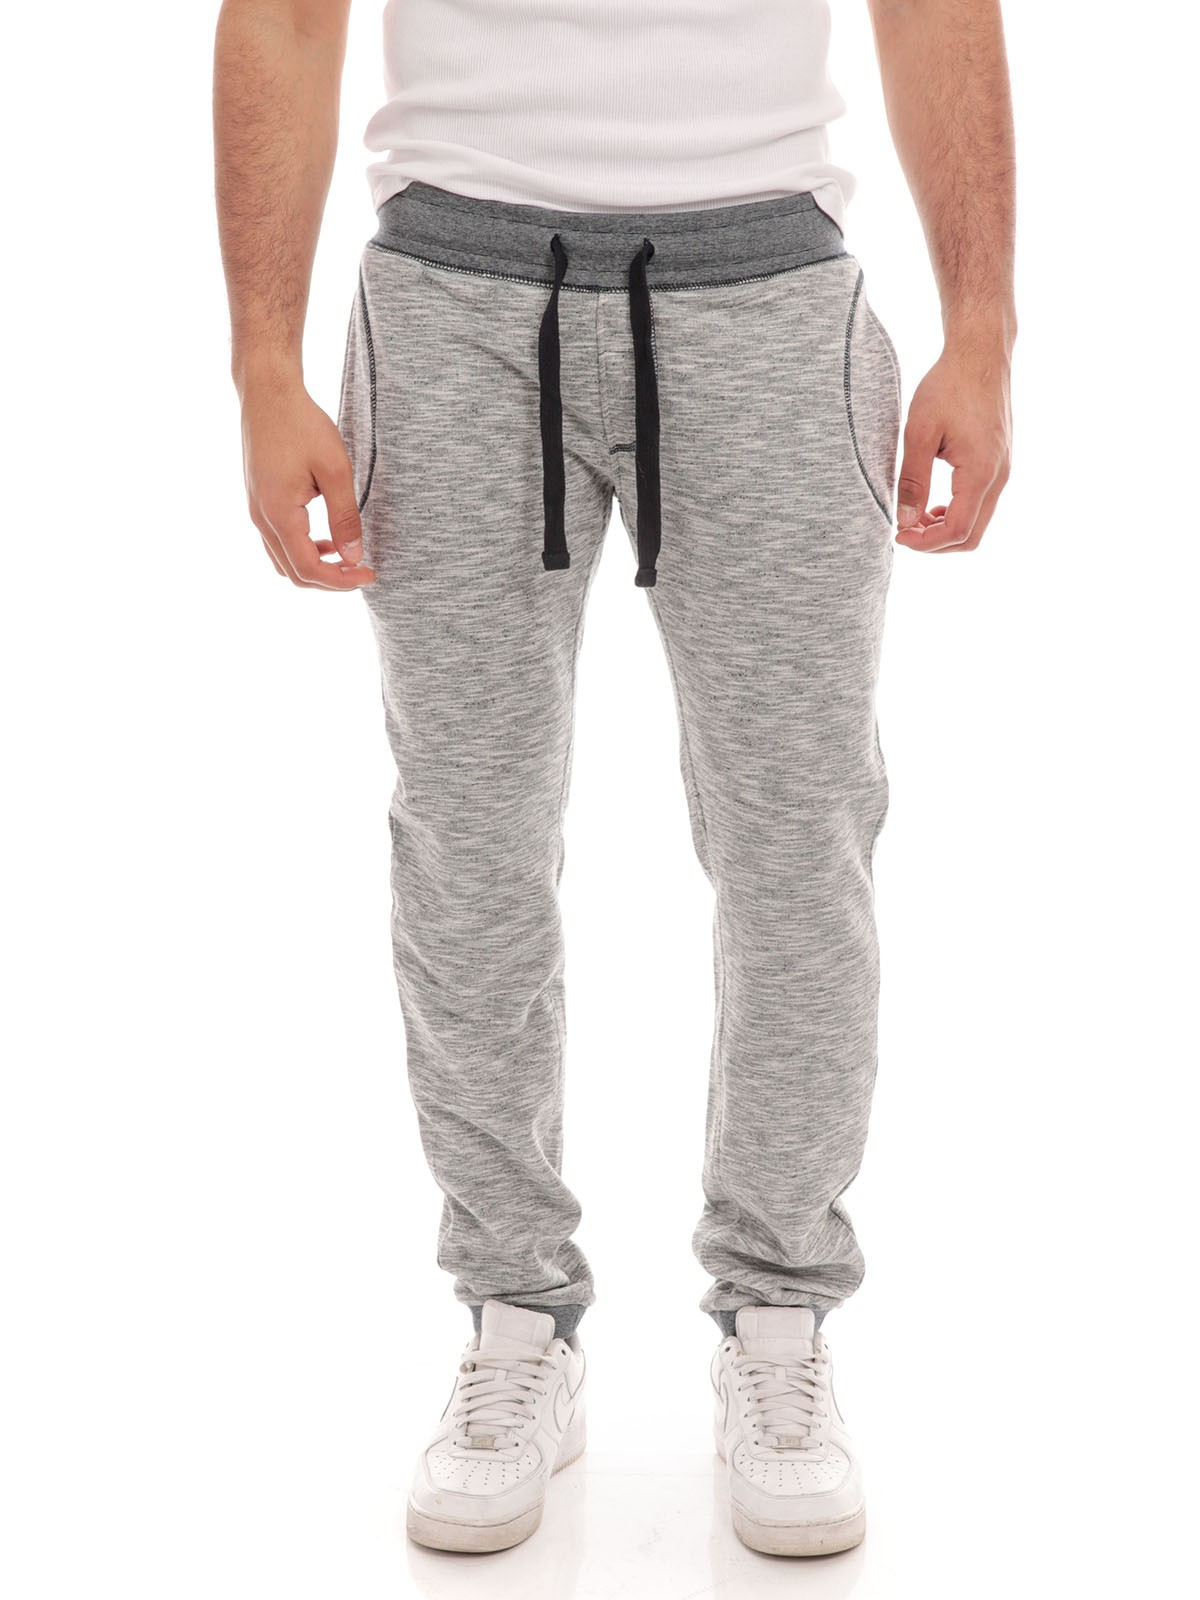 pantalon jogging ritchie modele clapo homme sur ritchie